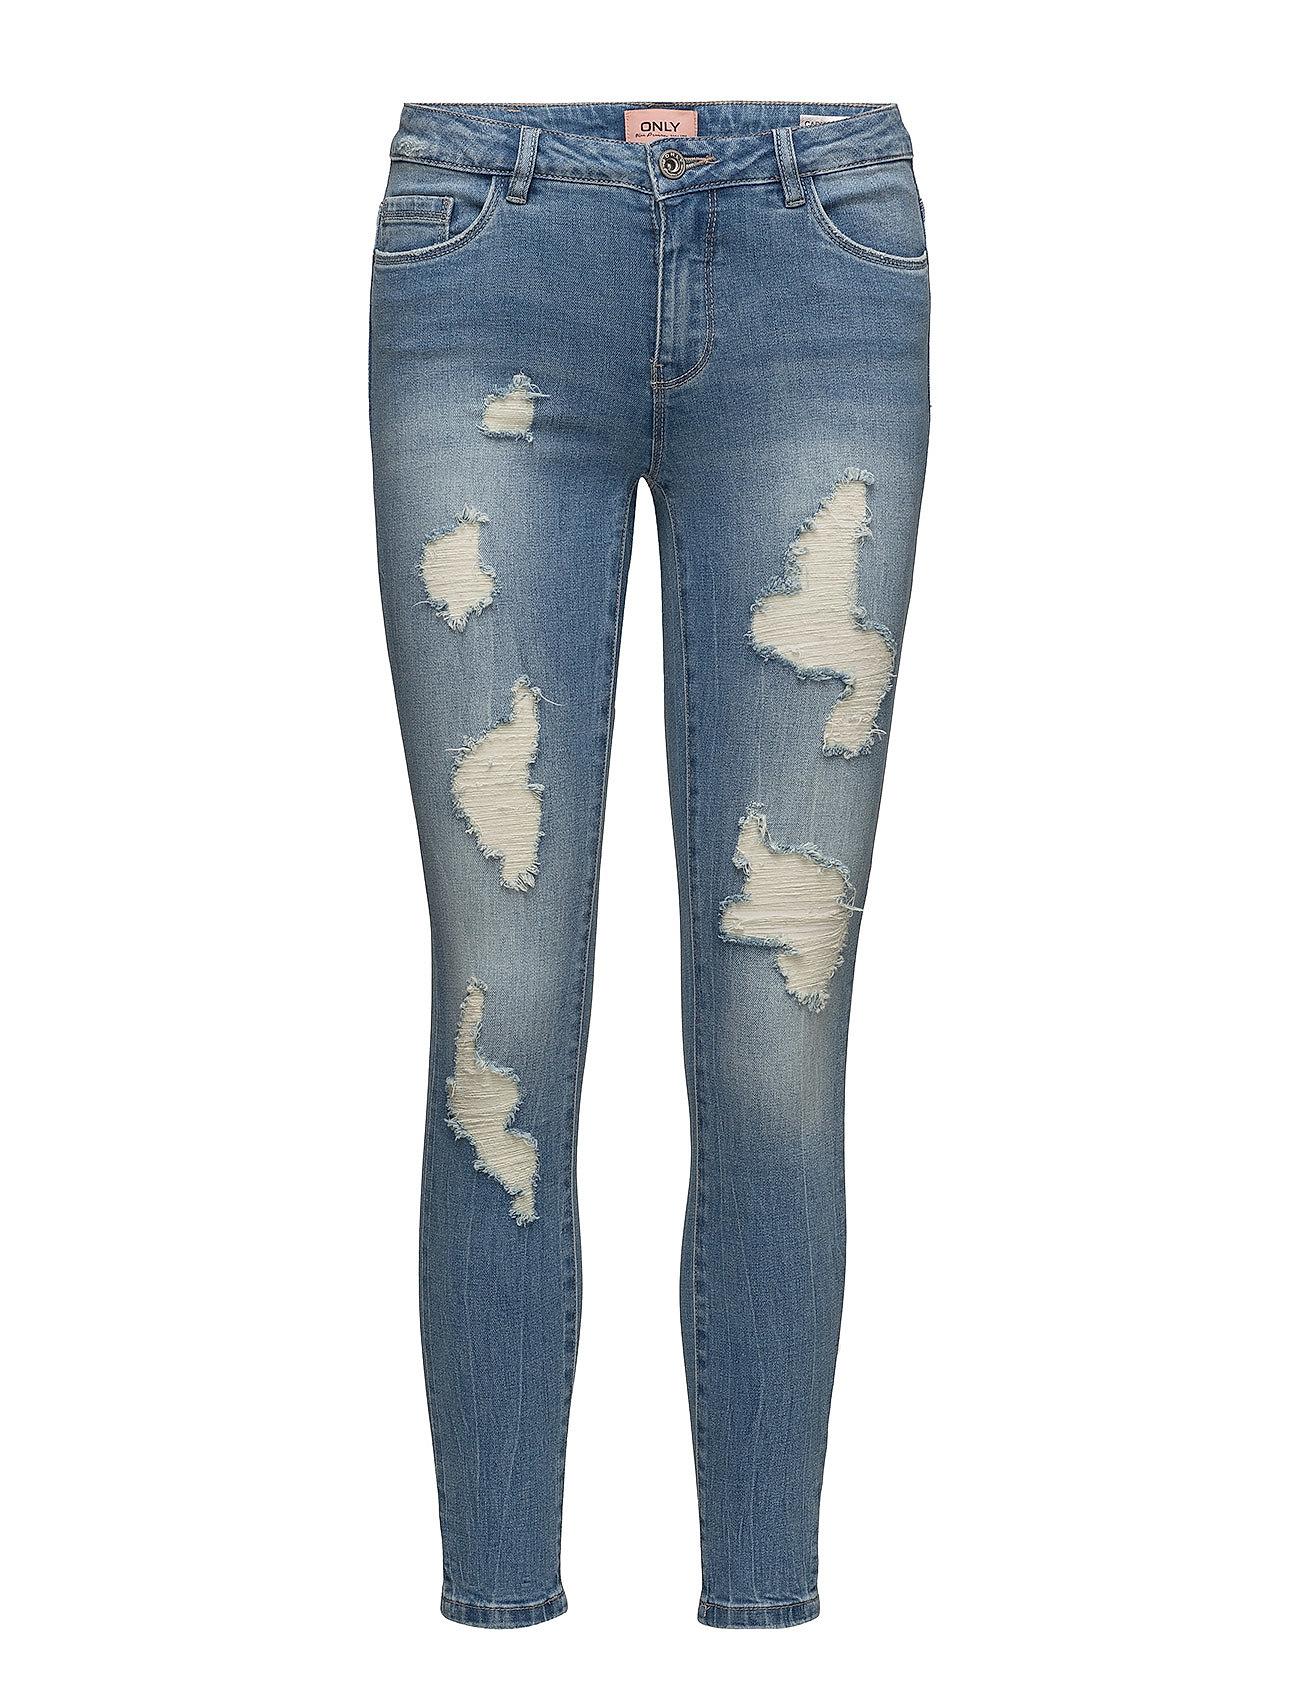 onlcarmen reg sk an dest jeans bj11123 1 medium blue denim only. Black Bedroom Furniture Sets. Home Design Ideas